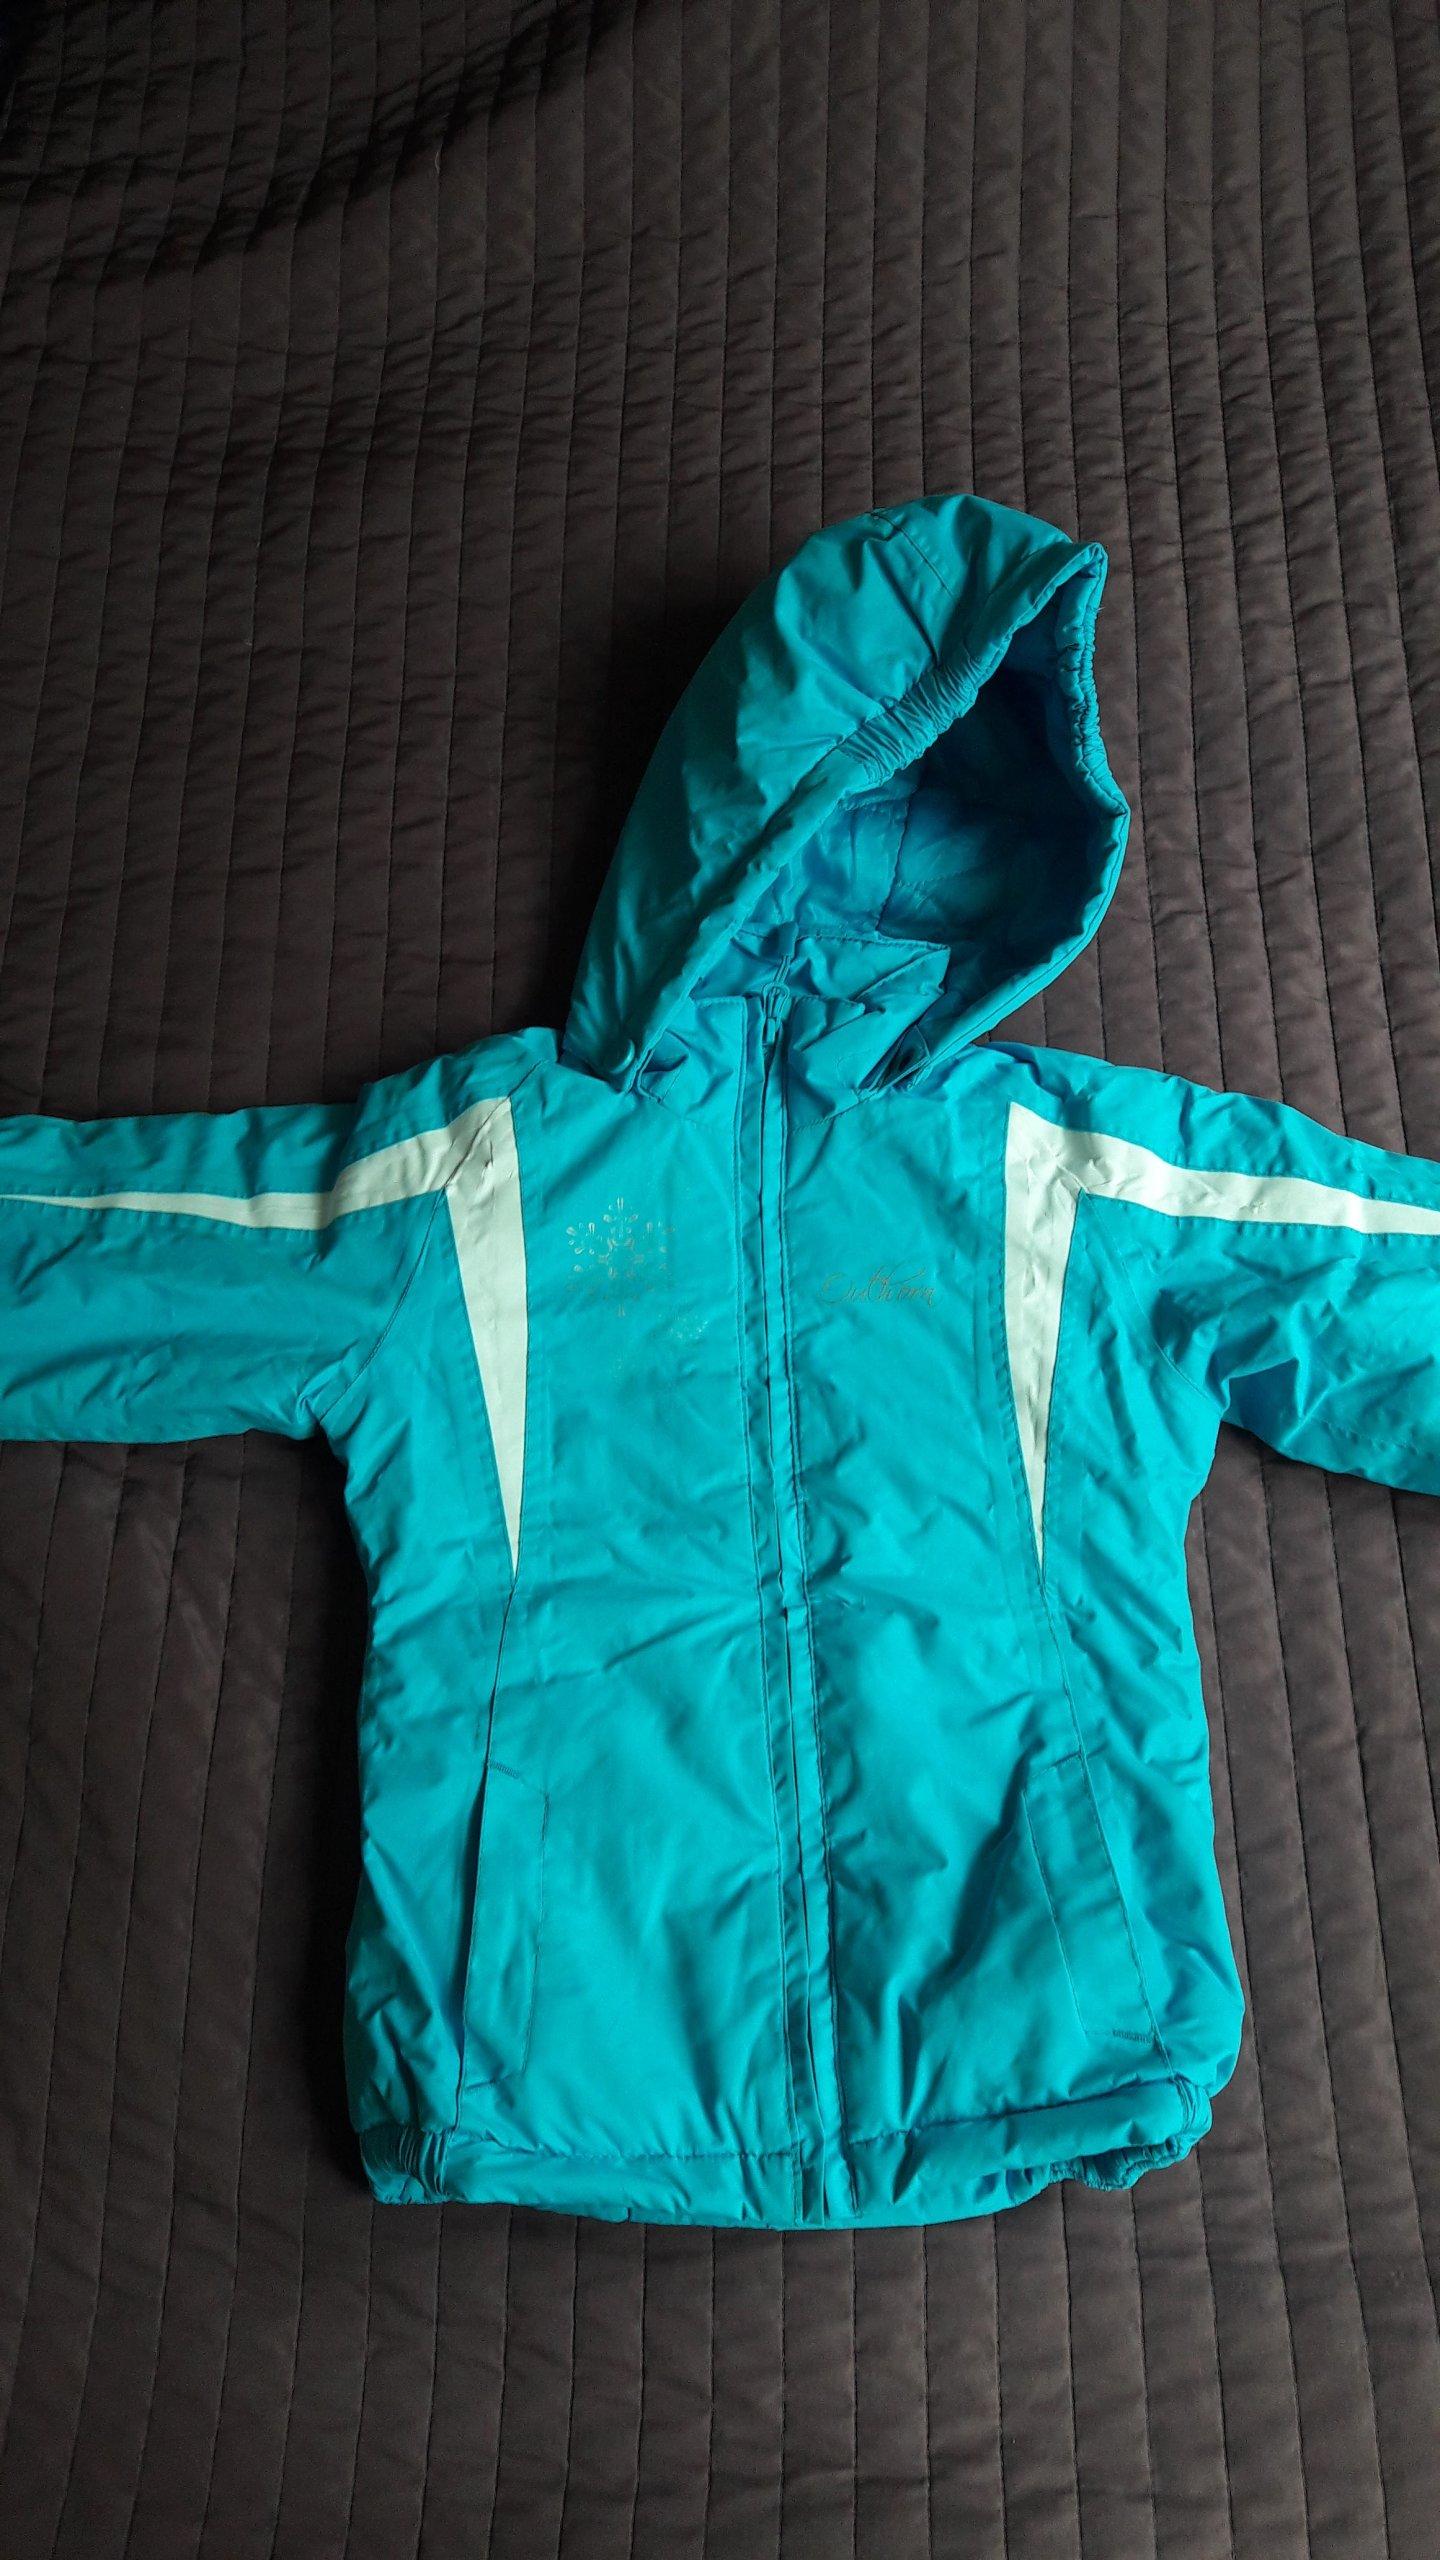 315edcfee637c Kurtka narciarska Outhorn r.110cm dziewczynka - 7012276623 ...